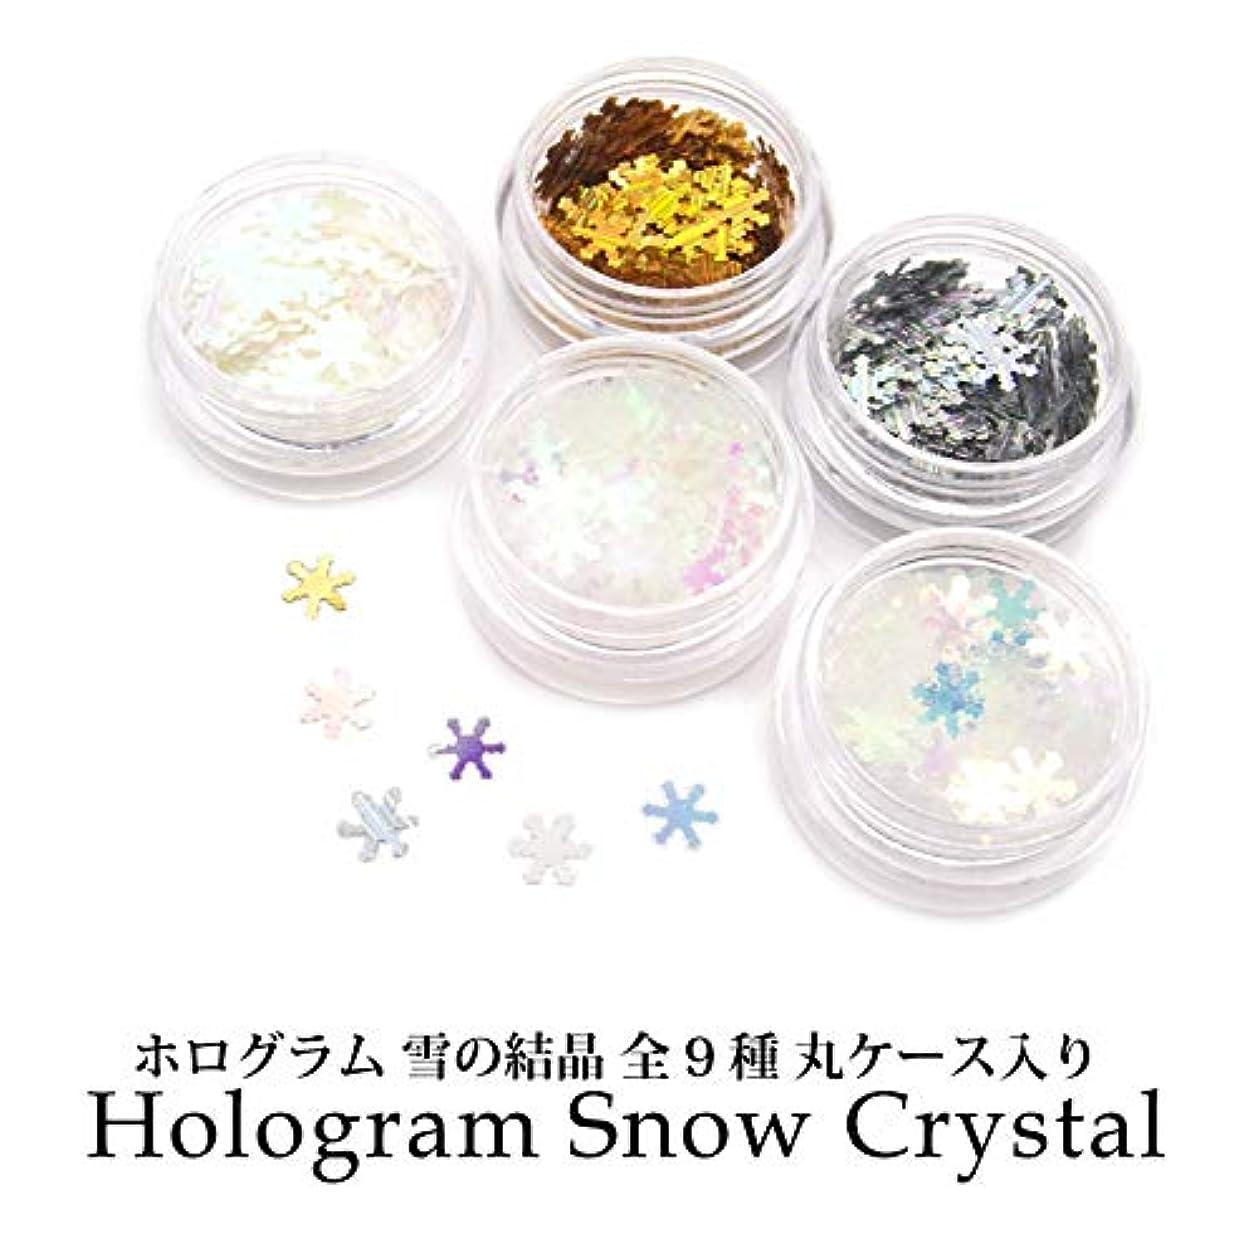 より平らなトレードメインホログラム 雪の結晶 全9種 丸ケース入り (1.クリアオーロラブルー)